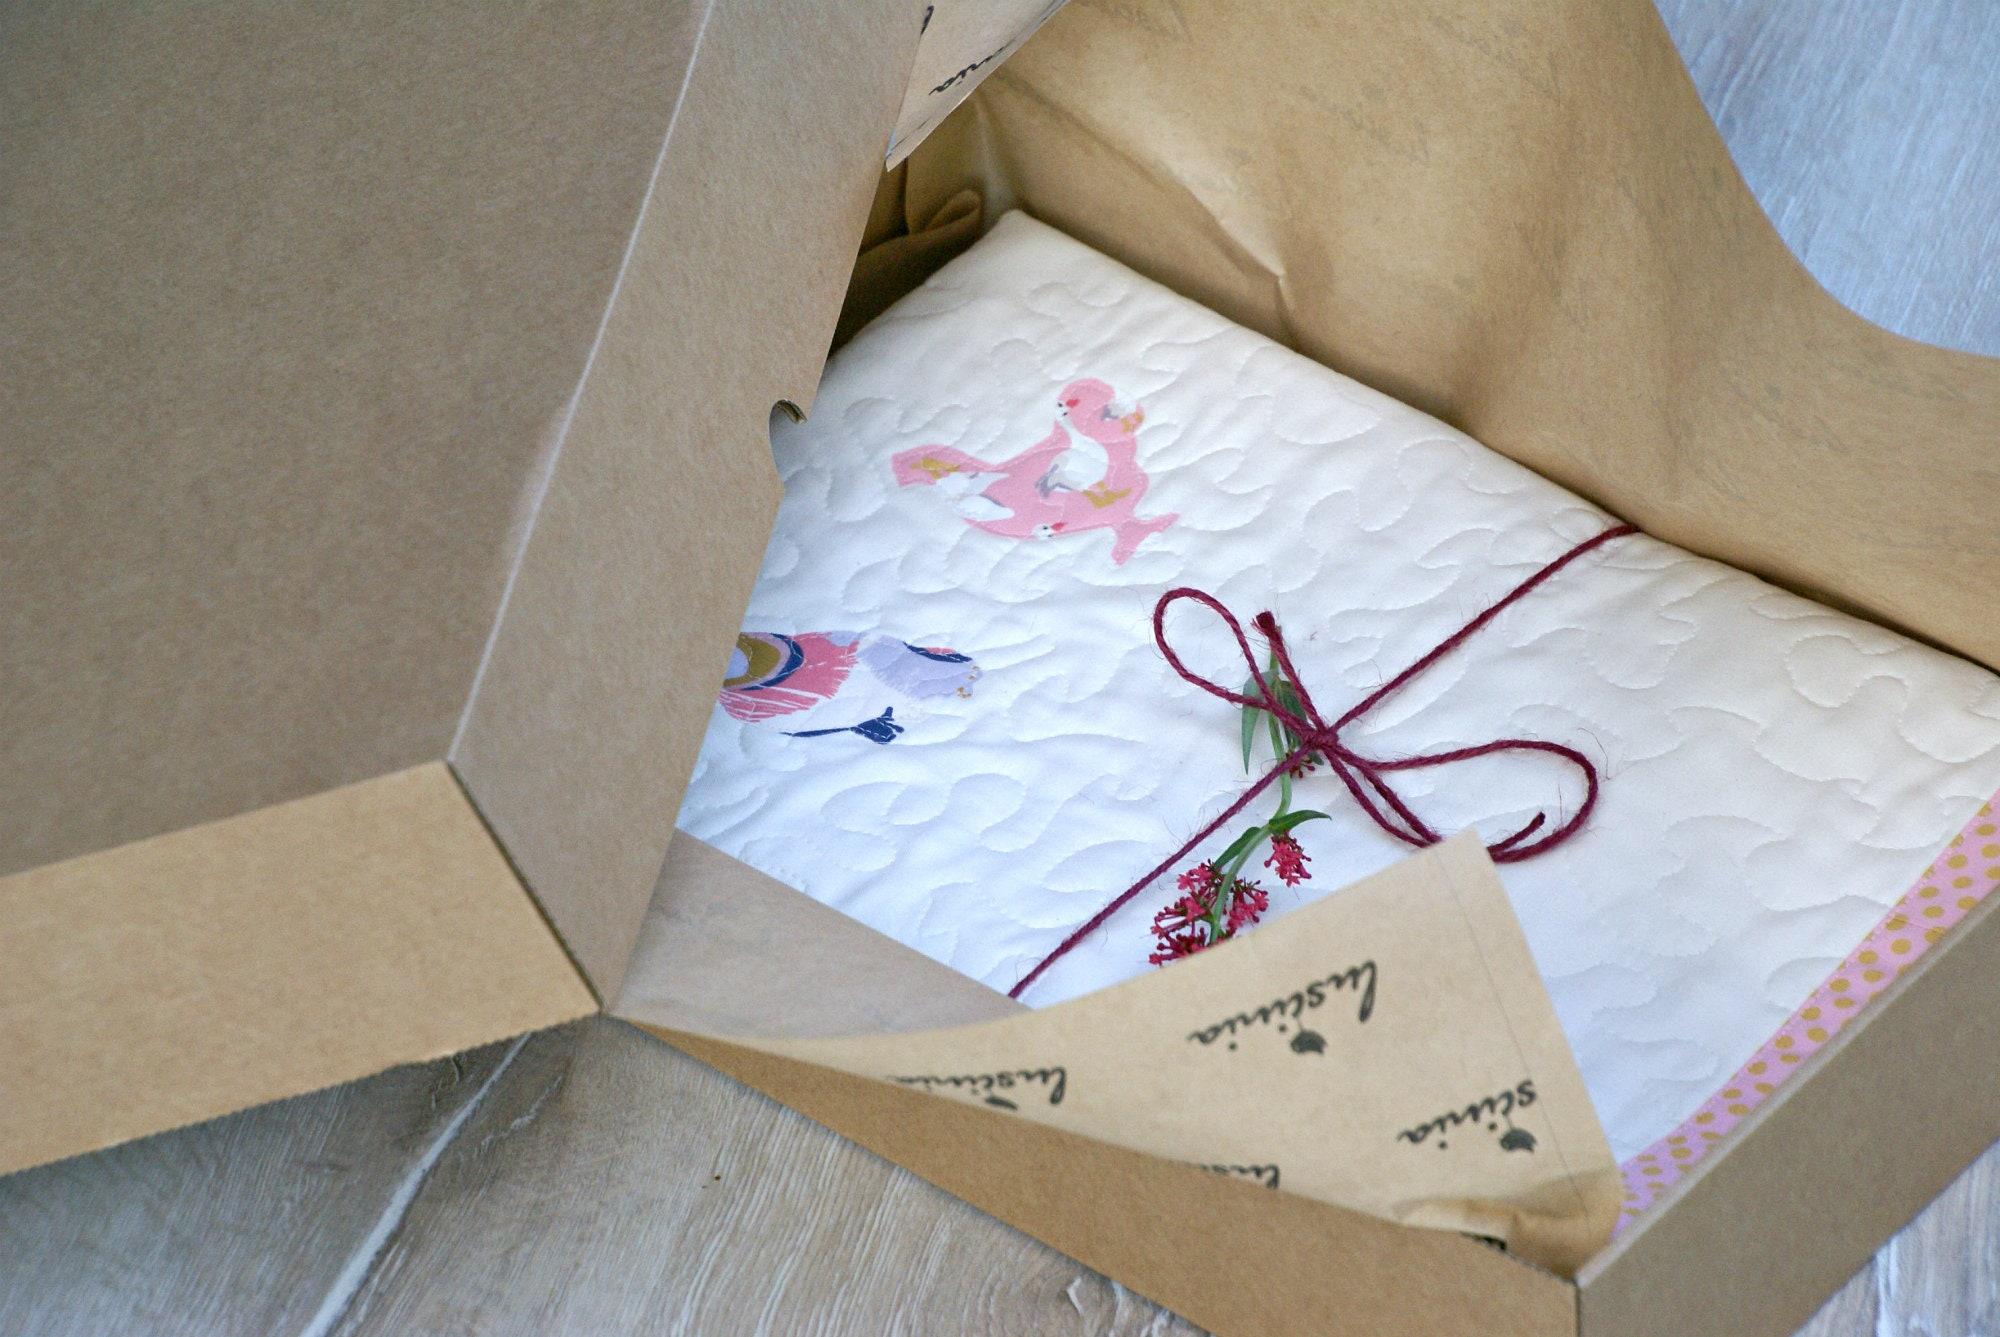 Couverture de bébé / Baby Quilt / couverture de coton / couverture en polaire / cadeau de Shower de bébé / bébé coton Wrap / tapis de jeu bébé en polaire Wrap